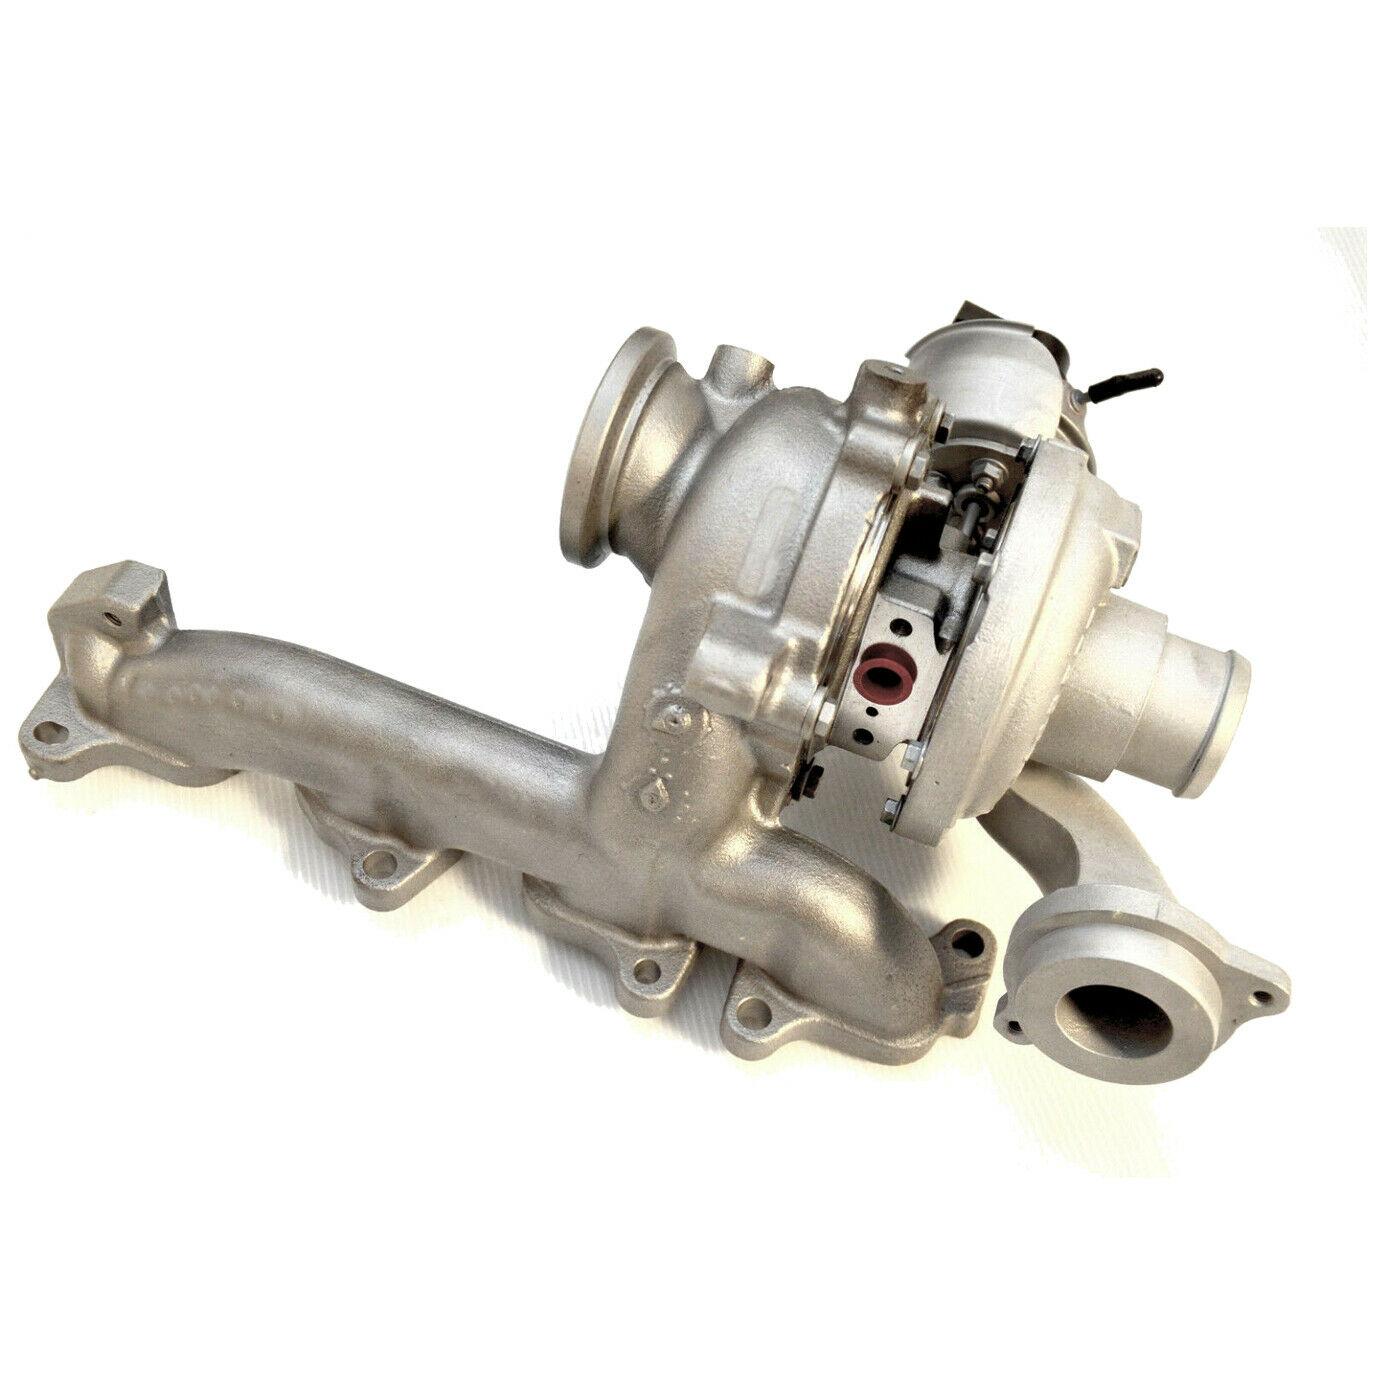 AP01 Turbo Turbocompressore VW Crafter 30-35 30-50 Amarok 2.0 TDI CKTC CKTB CNFA 803955 803955- 0003 803955-5005S 803955-0005